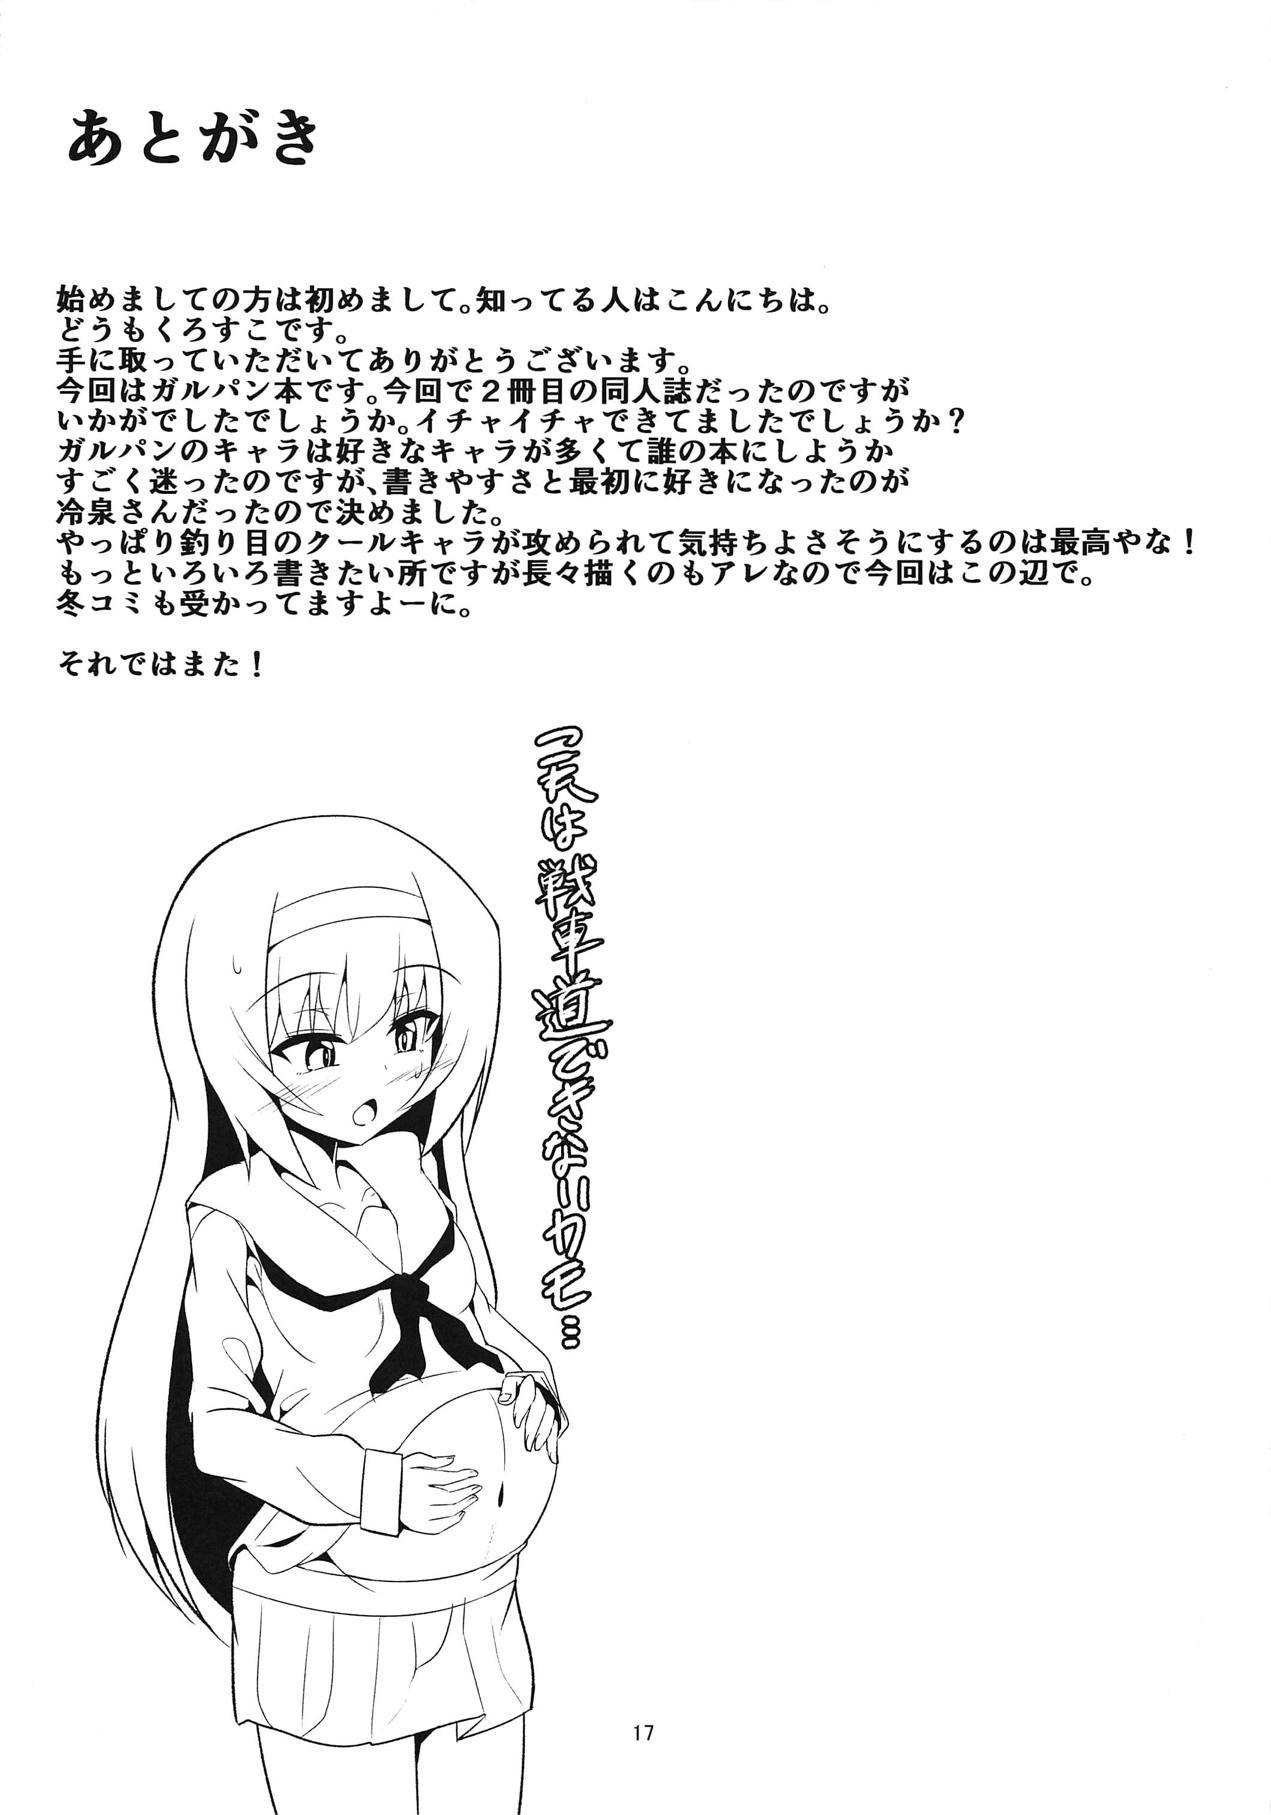 Reizei-san to Ichaicha Suru Hon 15